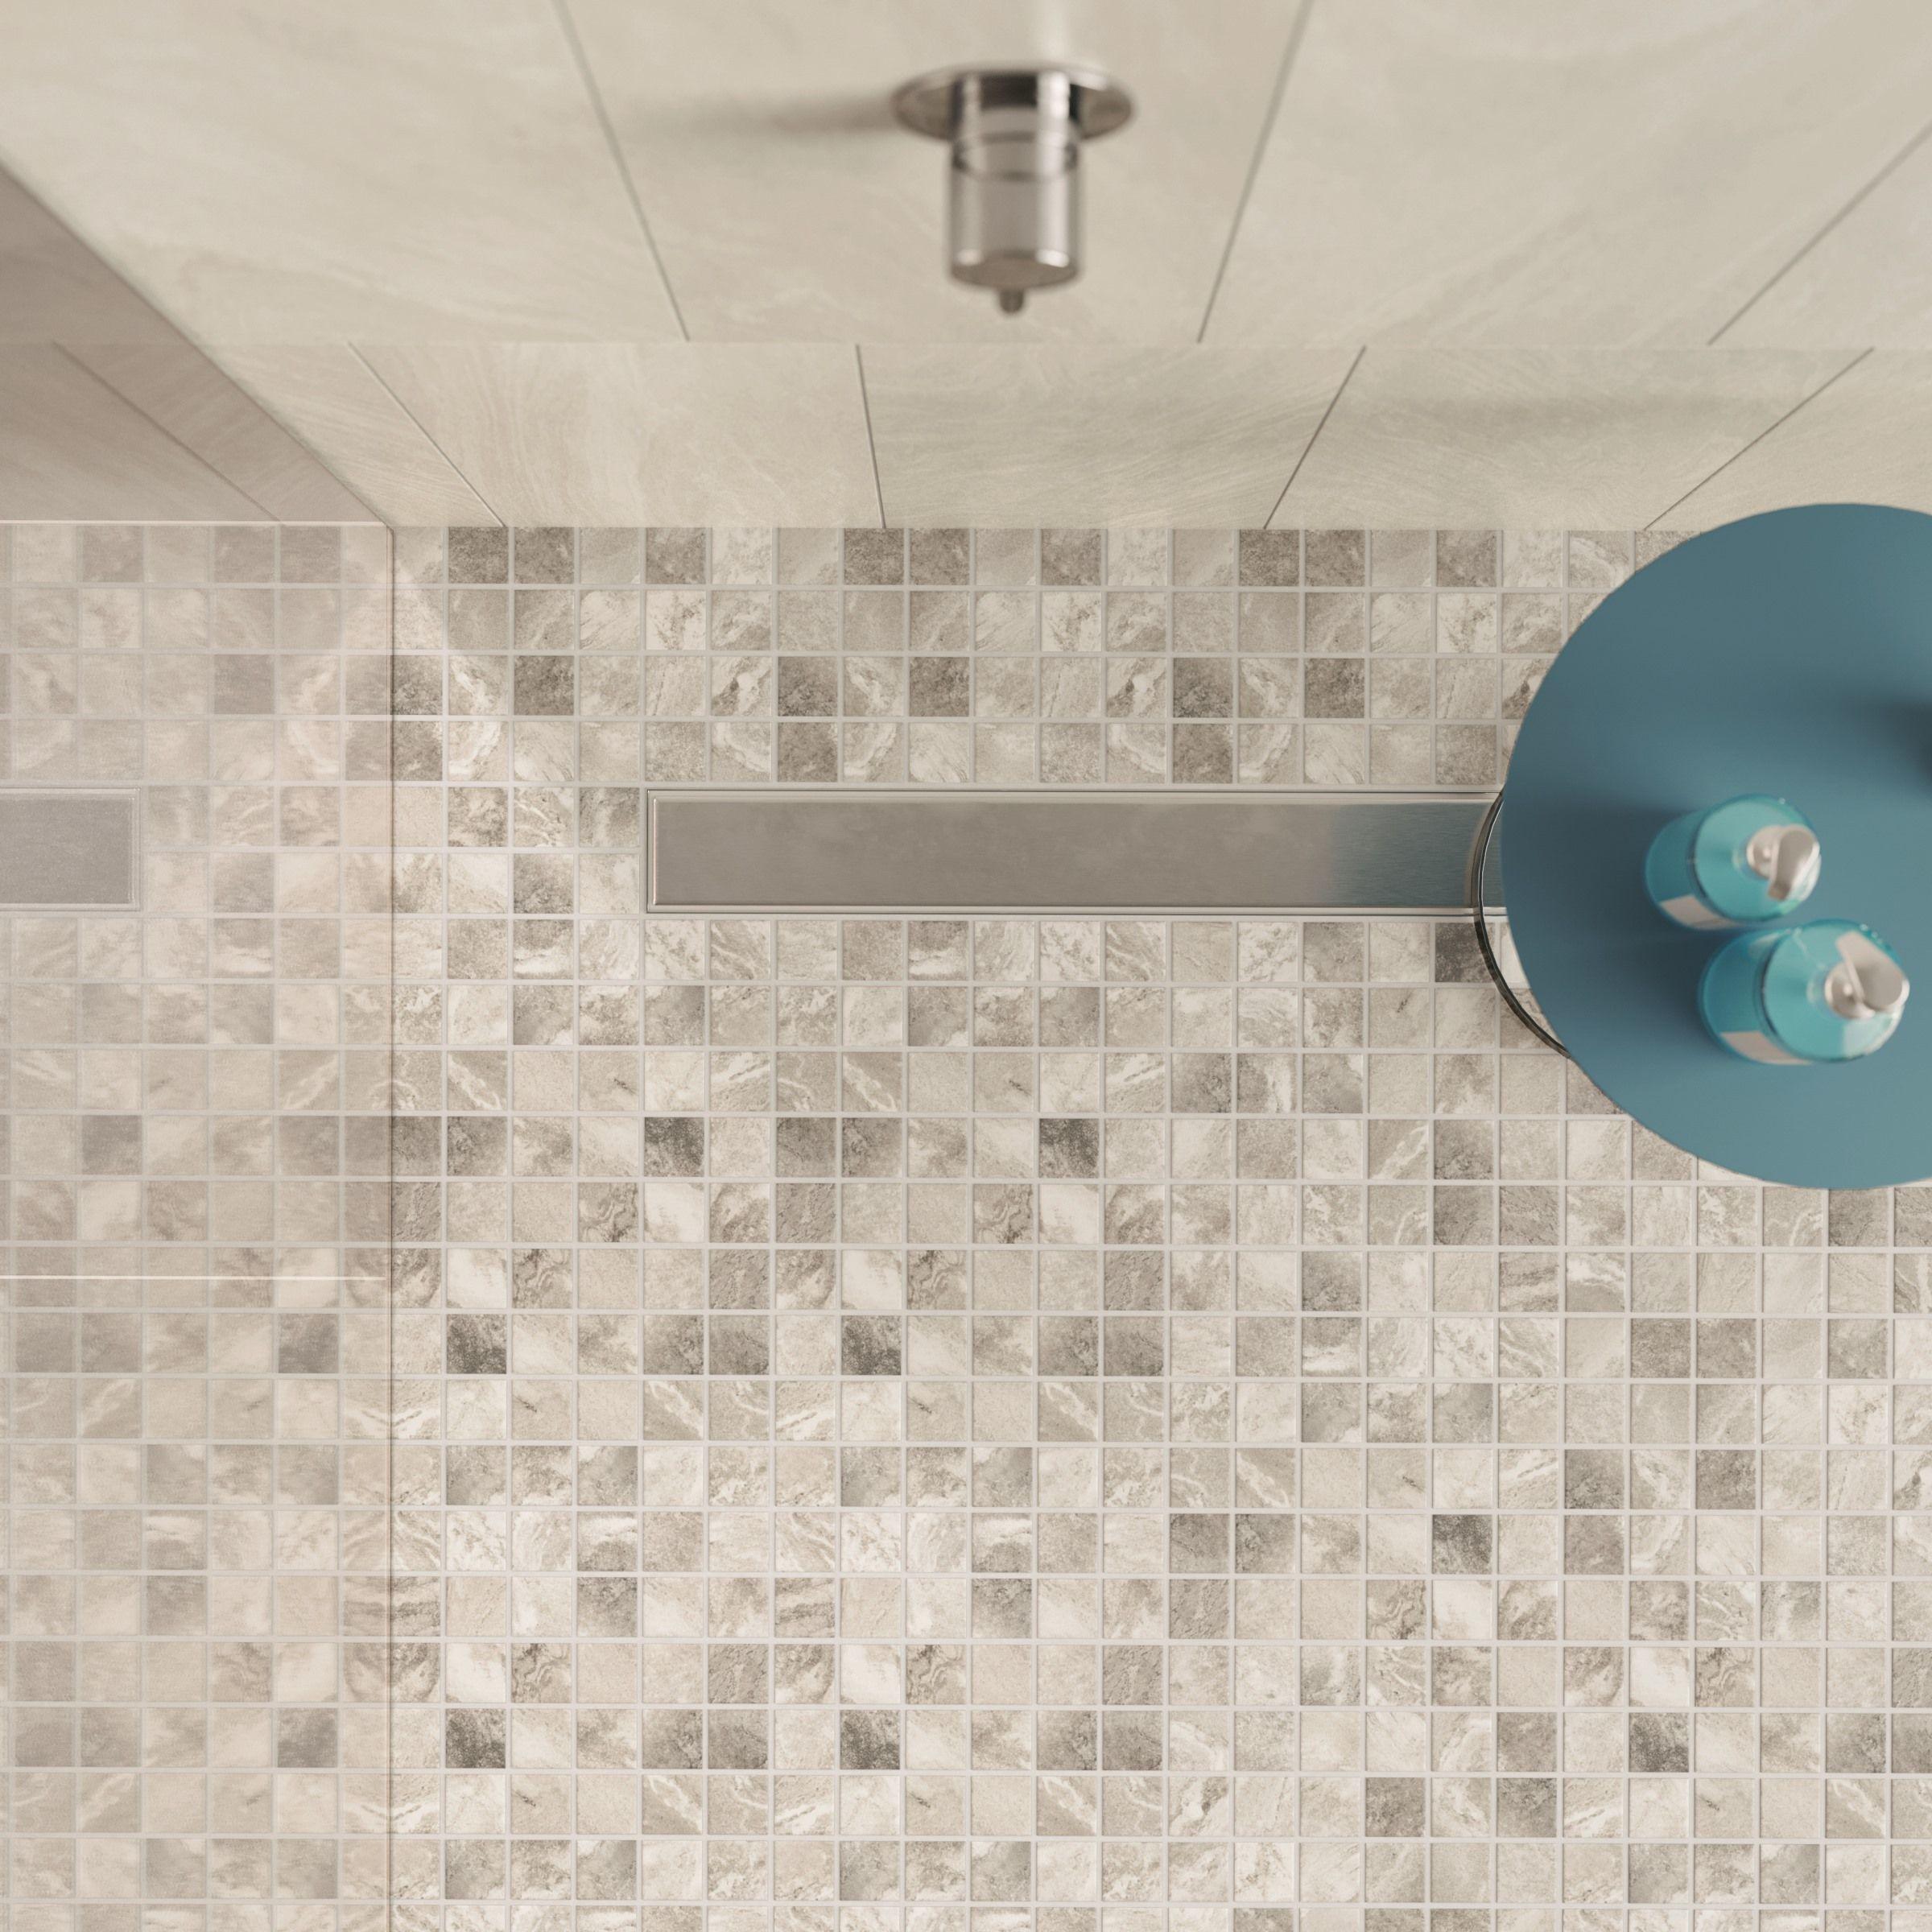 Pin Von Nadja Dietze Auf Haus Einrichtung In 2020 Dusche Fliesen Mosaik Fliesen Bad Begehbare Dusche